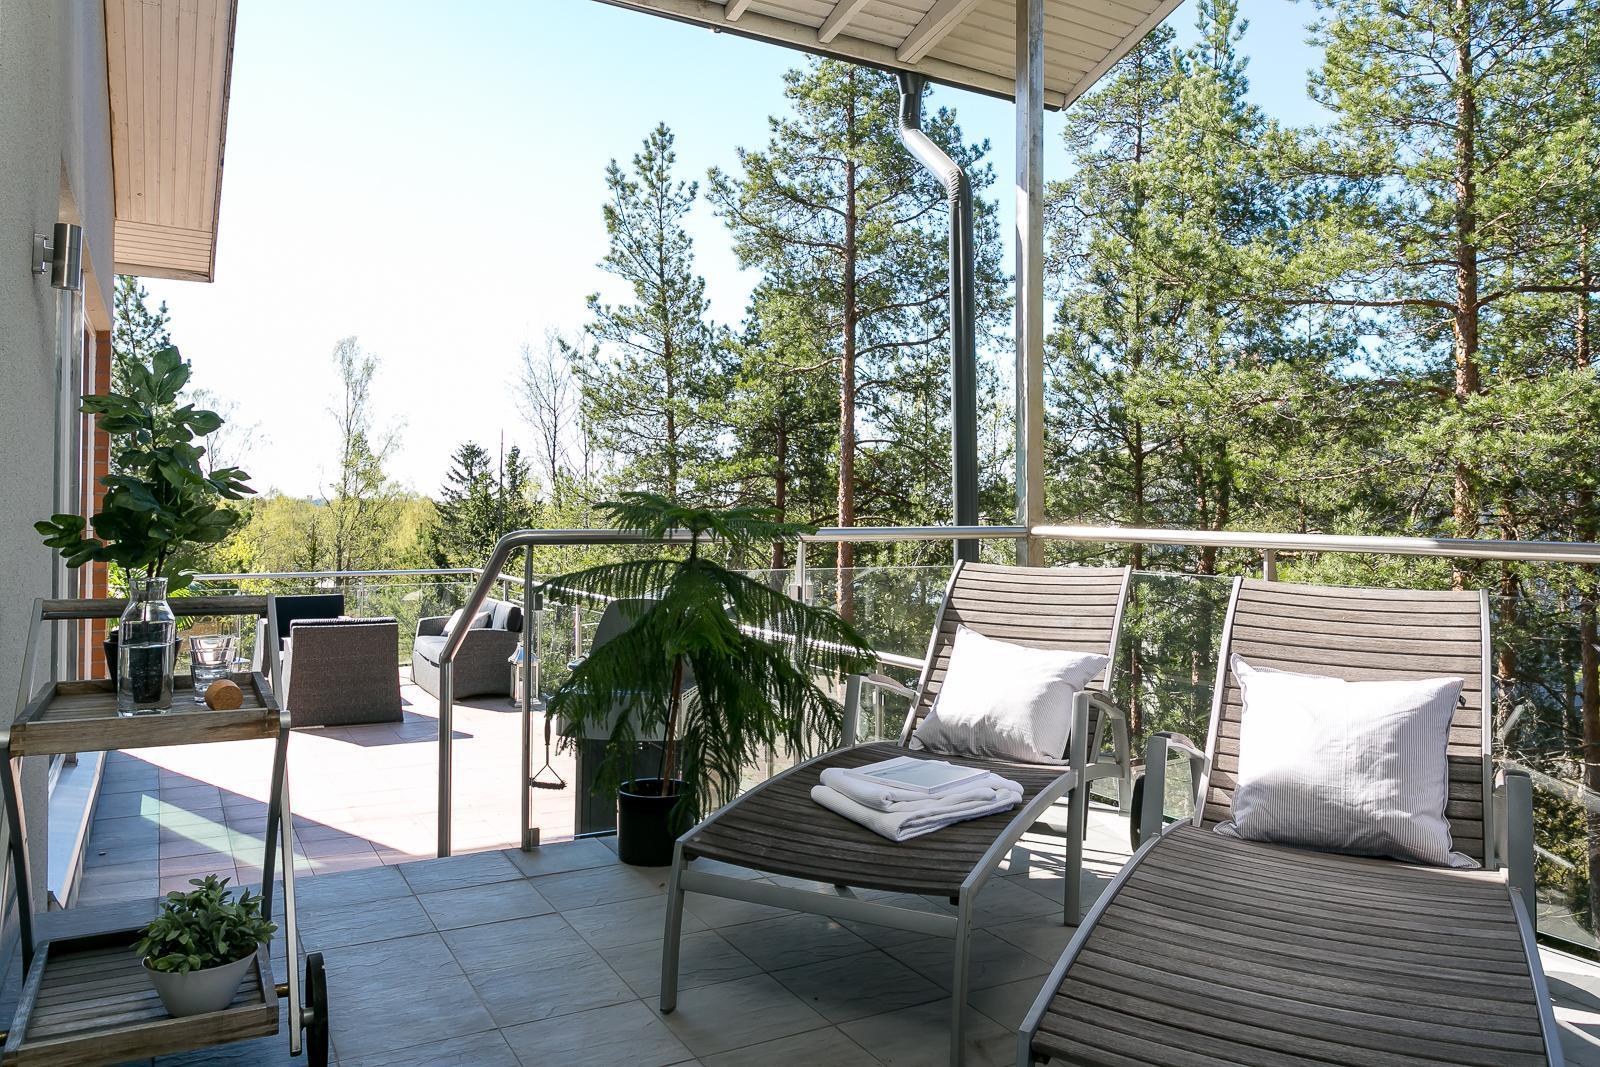 Mukava paikka rentoutumiseen terassilla  Etuovi com Ideat & vinkit